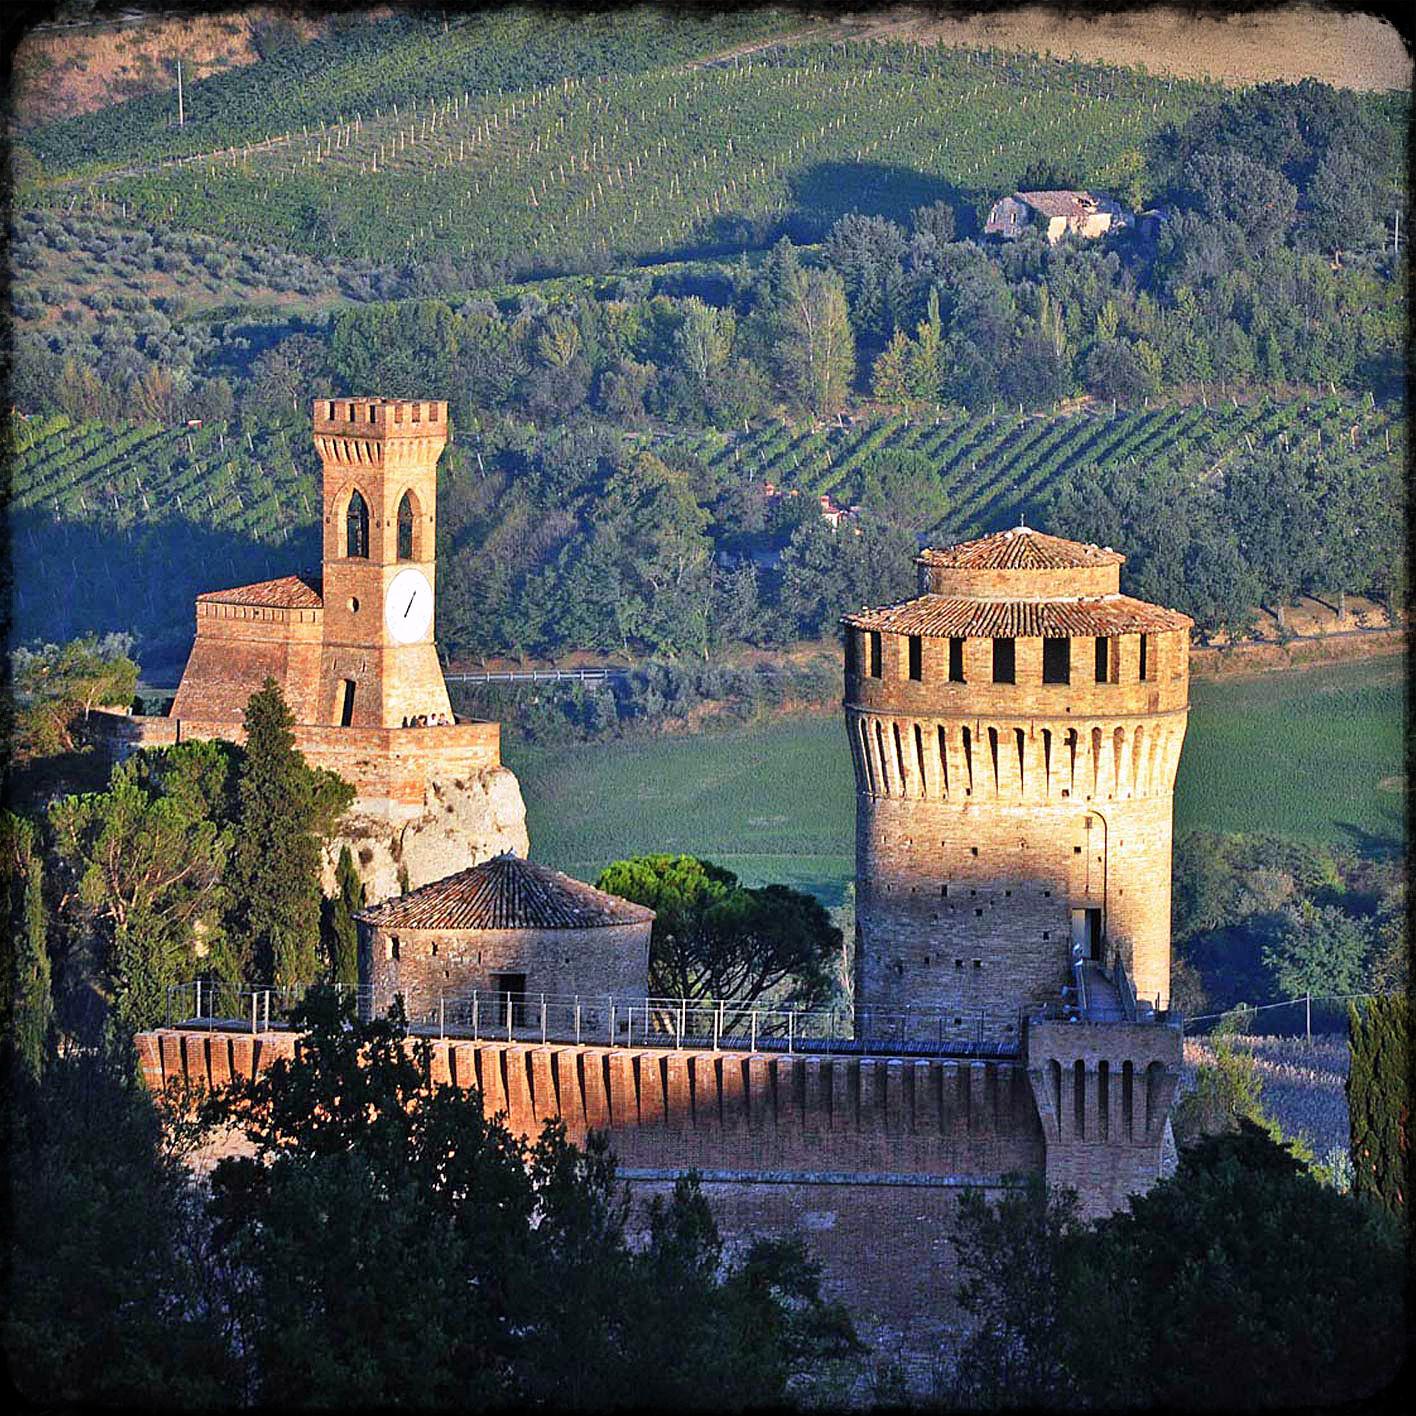 Brisighella - Emilia Romagna